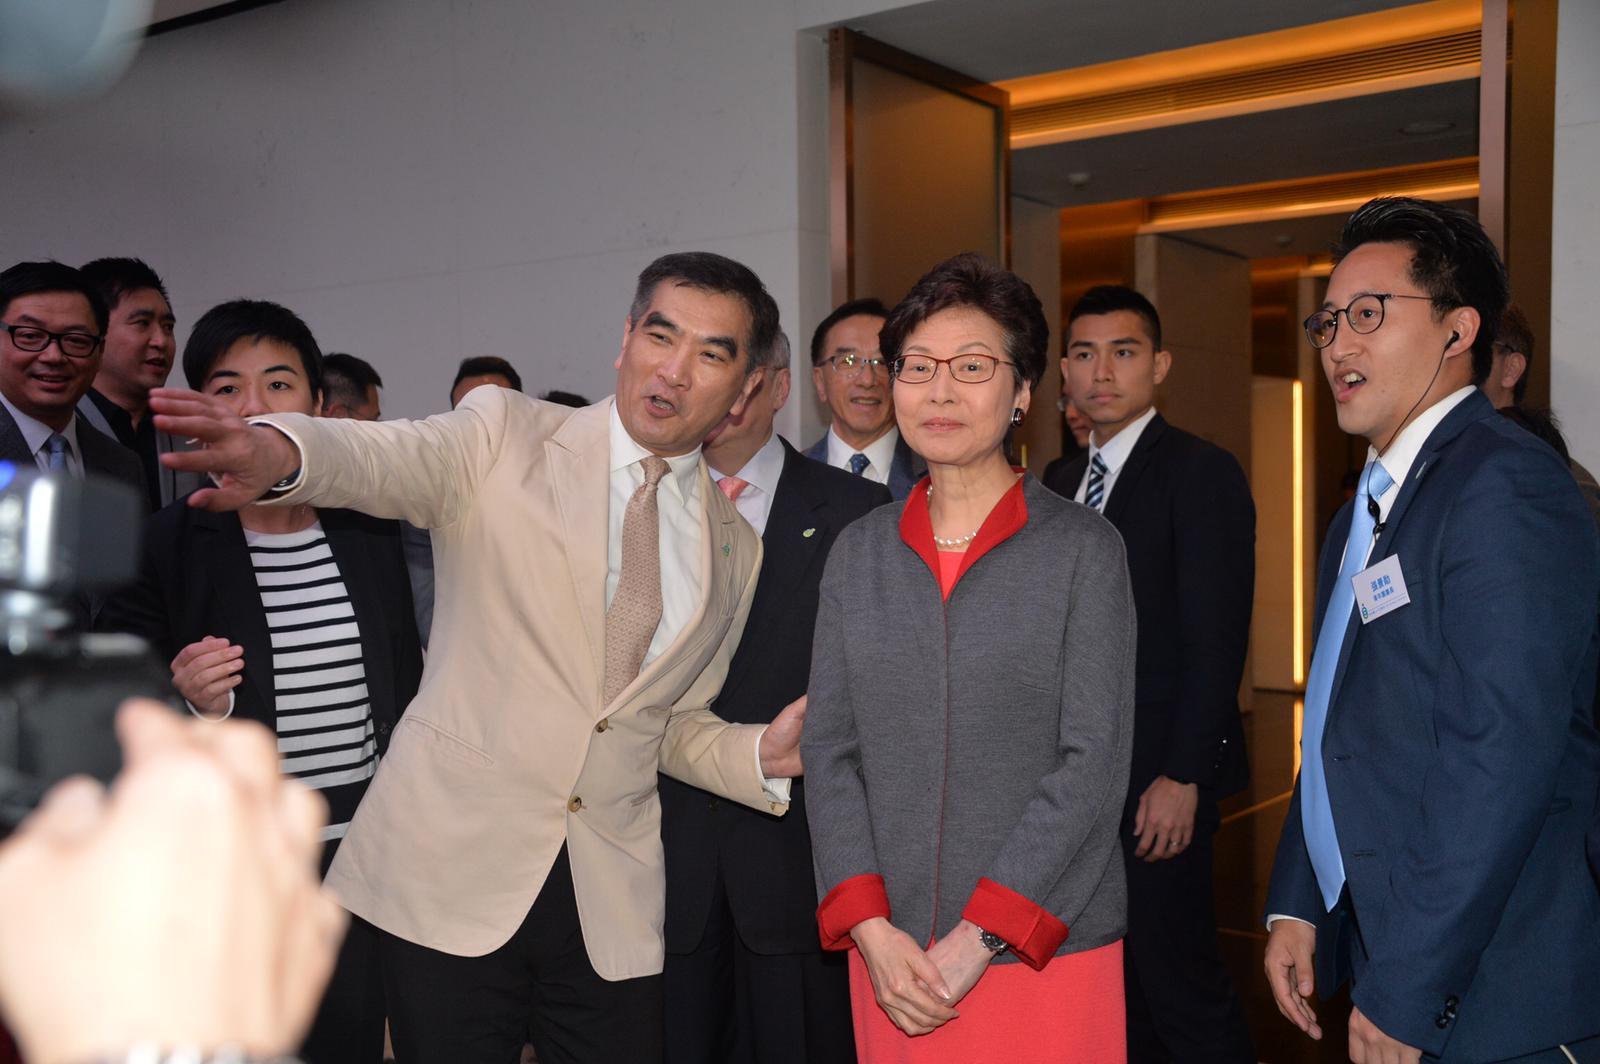 林鄭月娥(中)出席自由黨酒會